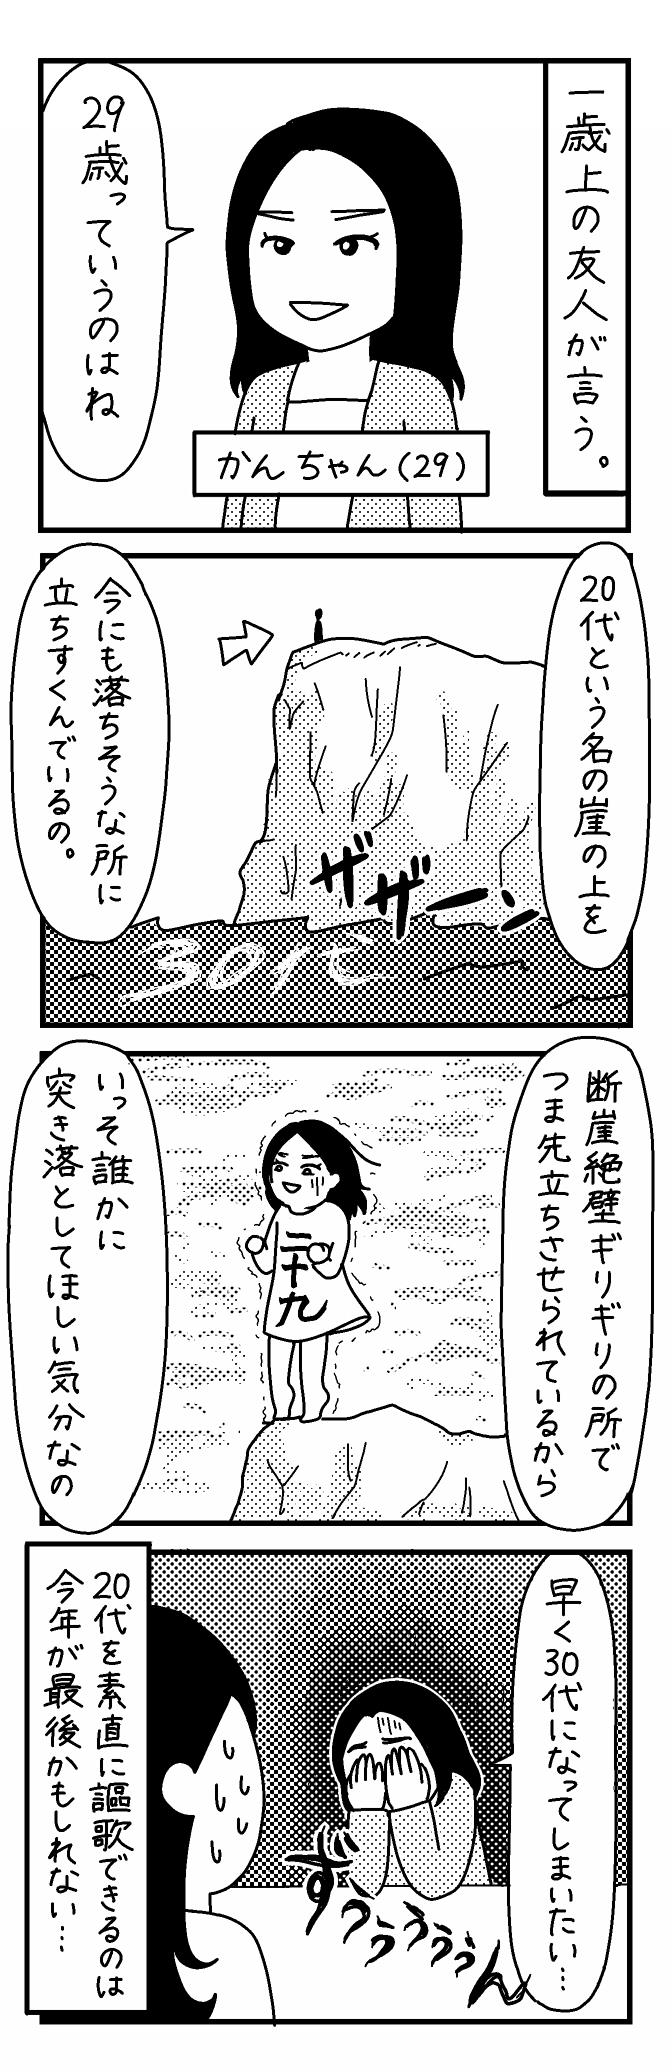 【4コマ漫画】第33回「ビクトリアな日々」作:ビクトリアブラディーヌ